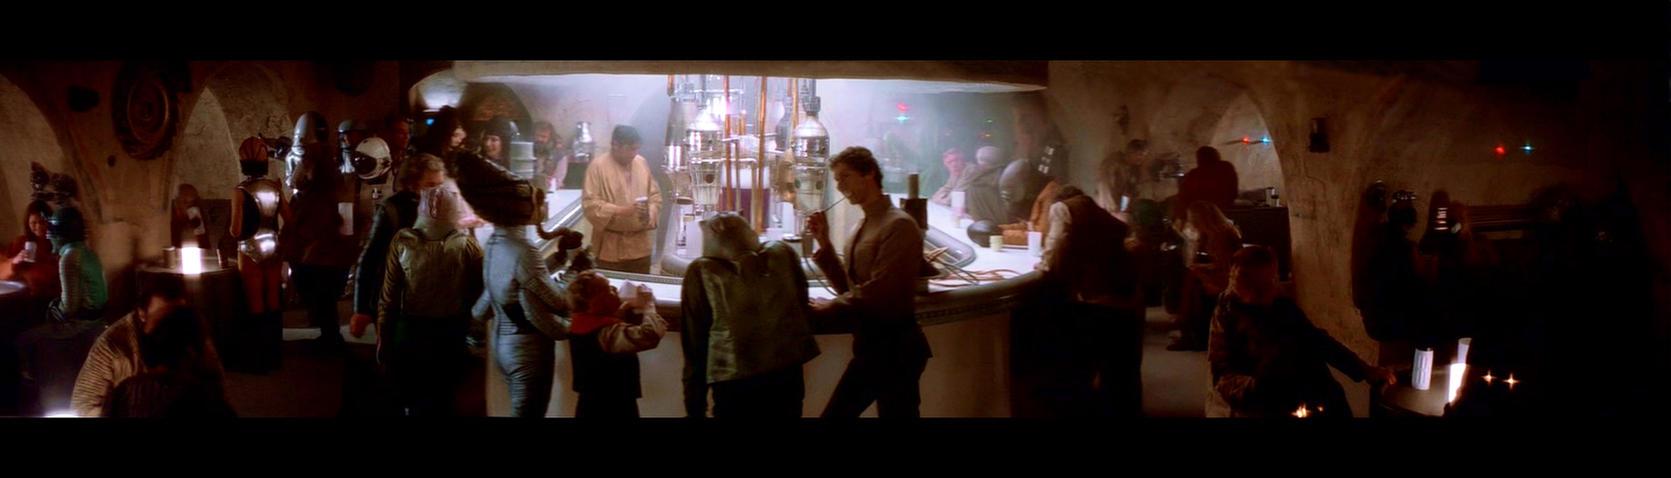 Star Wars Day Hard Rock Cafe